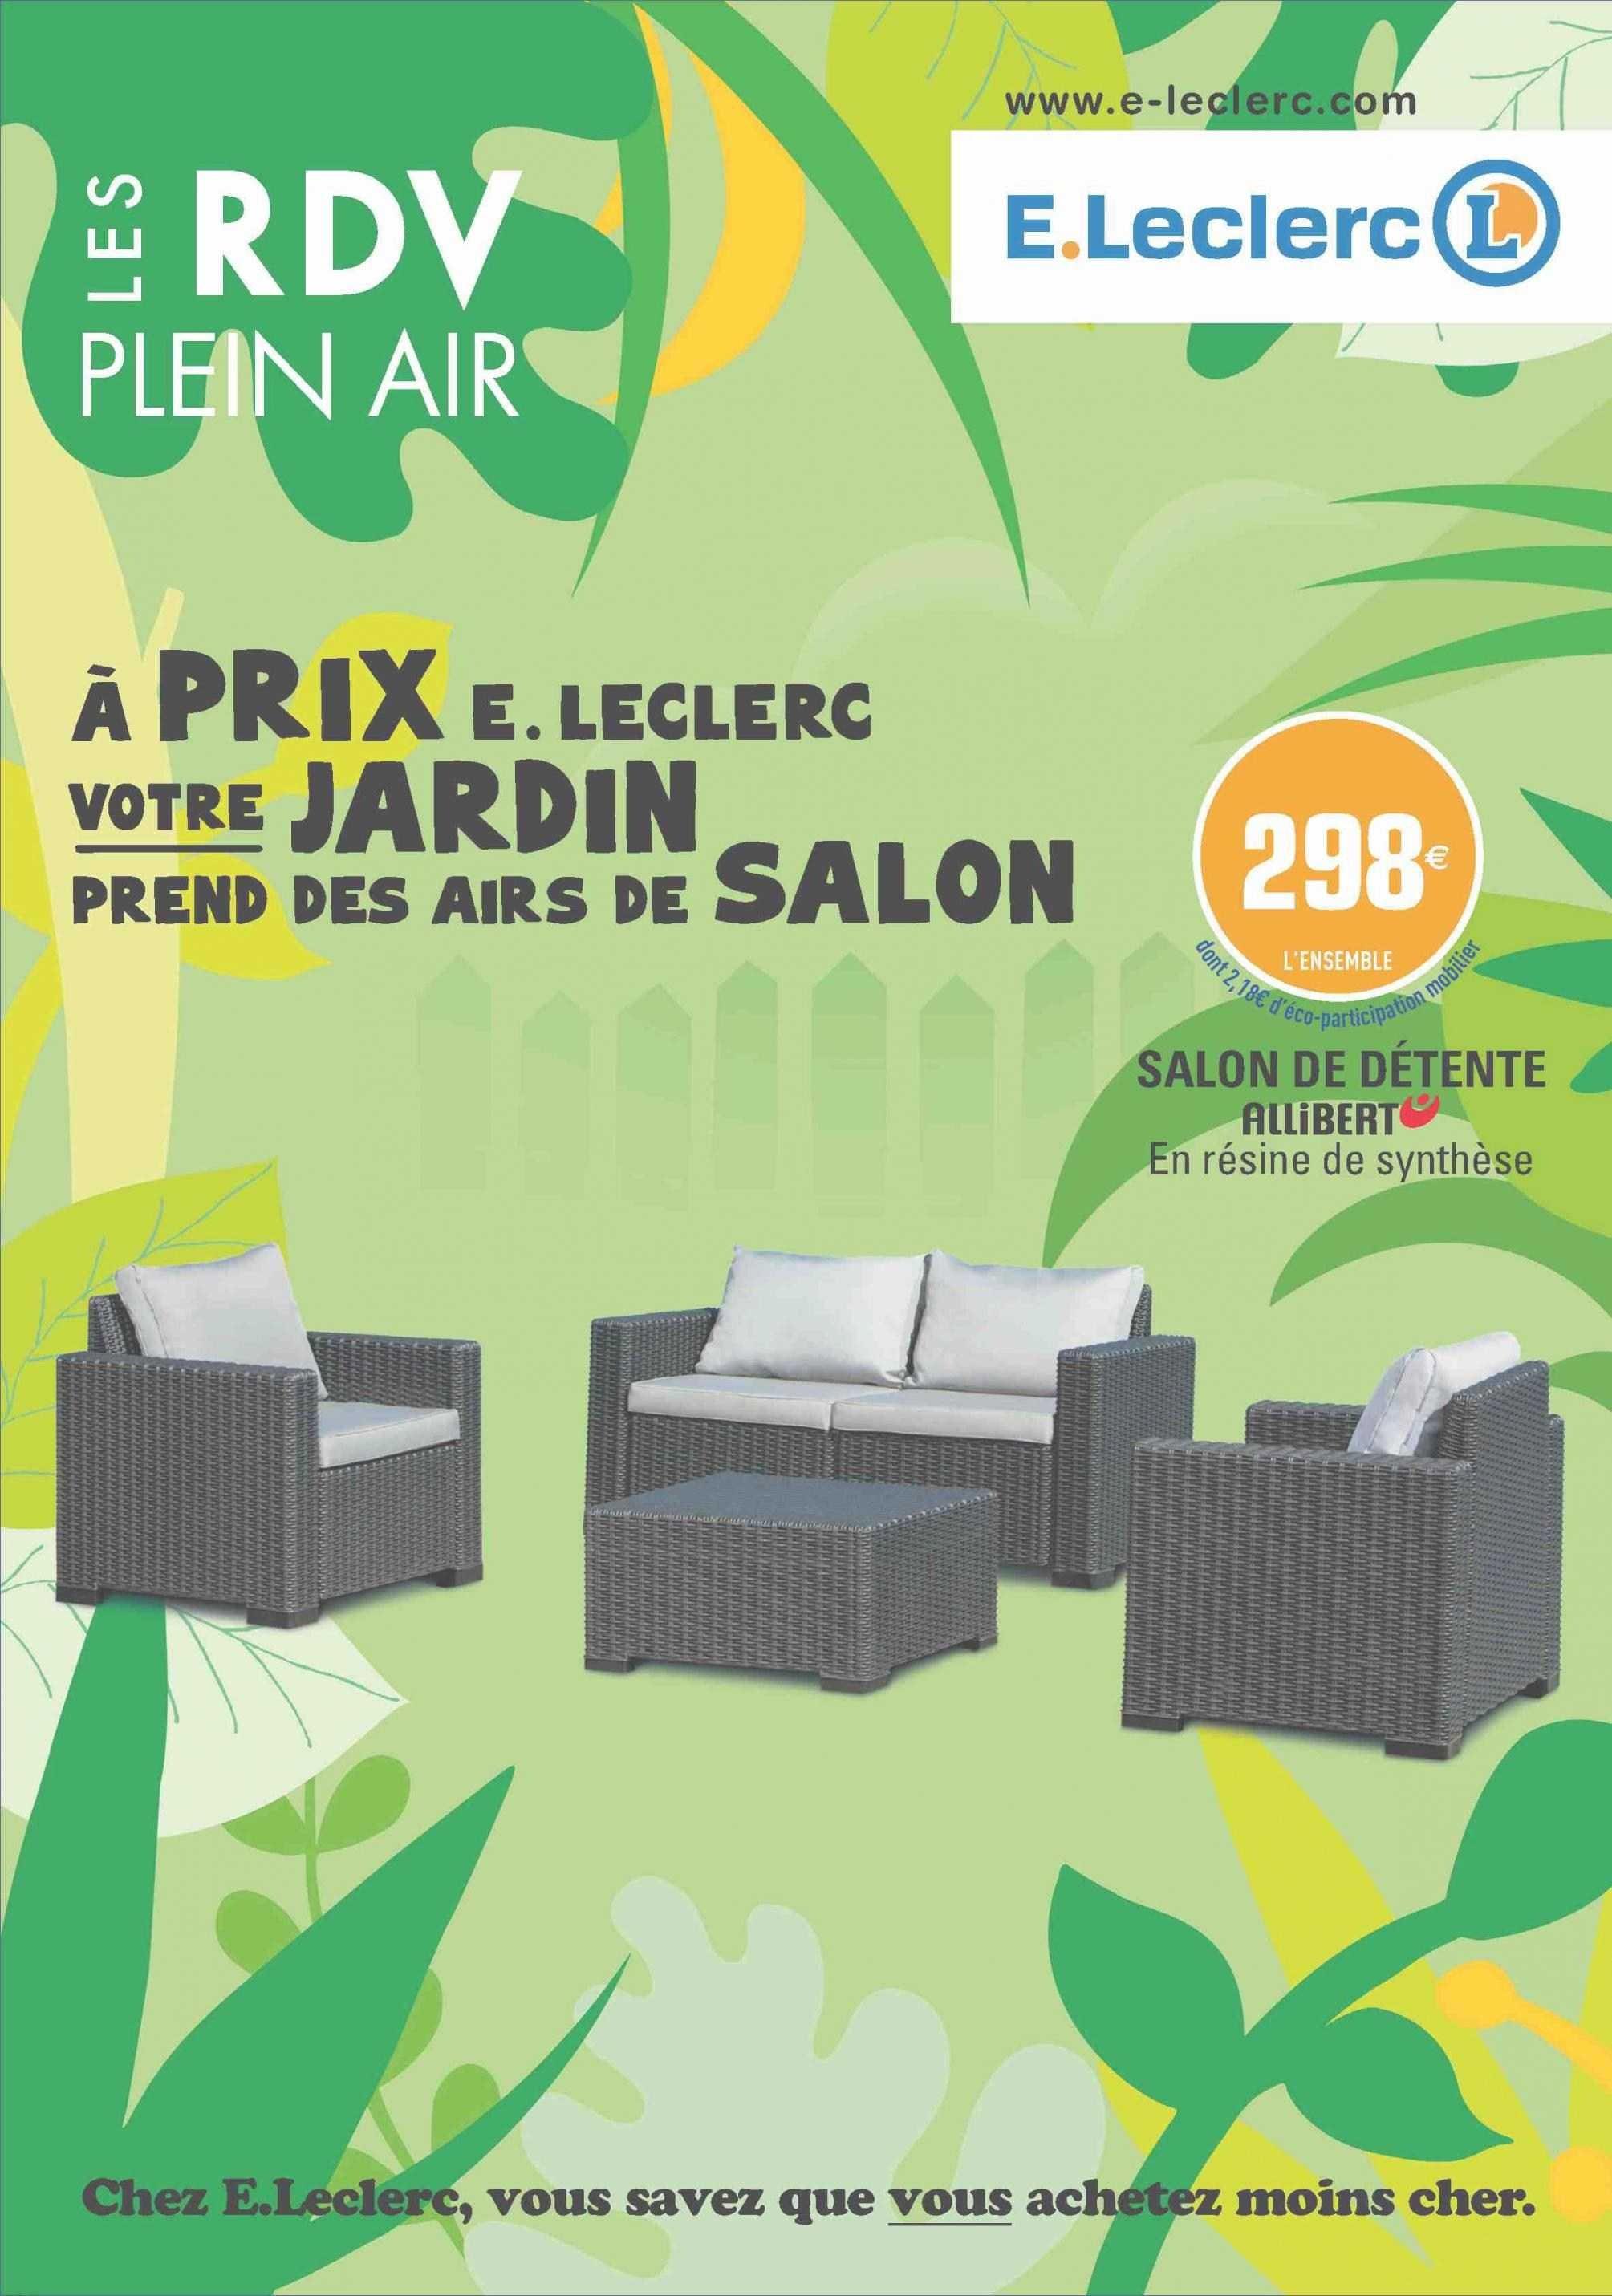 Housse Clic Clac Bleu Canard Beau Image Les 12 Luxe Couette Clic Clac S